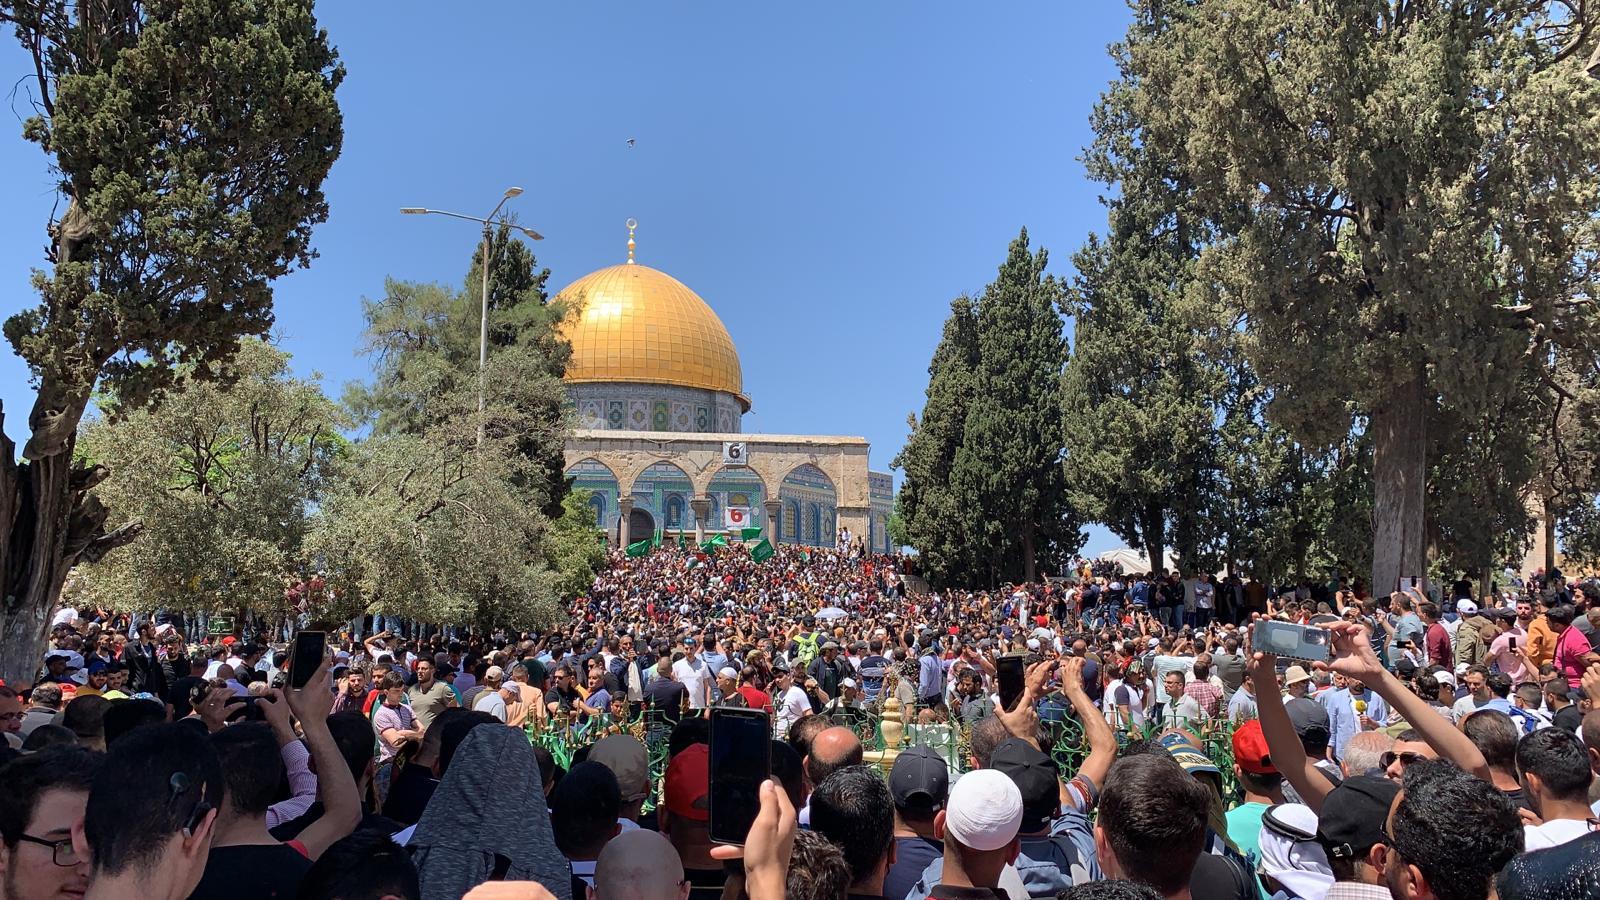 دعوة لإقامة مسيرات عربية وإسلامية كبرى نصرة للأقصى